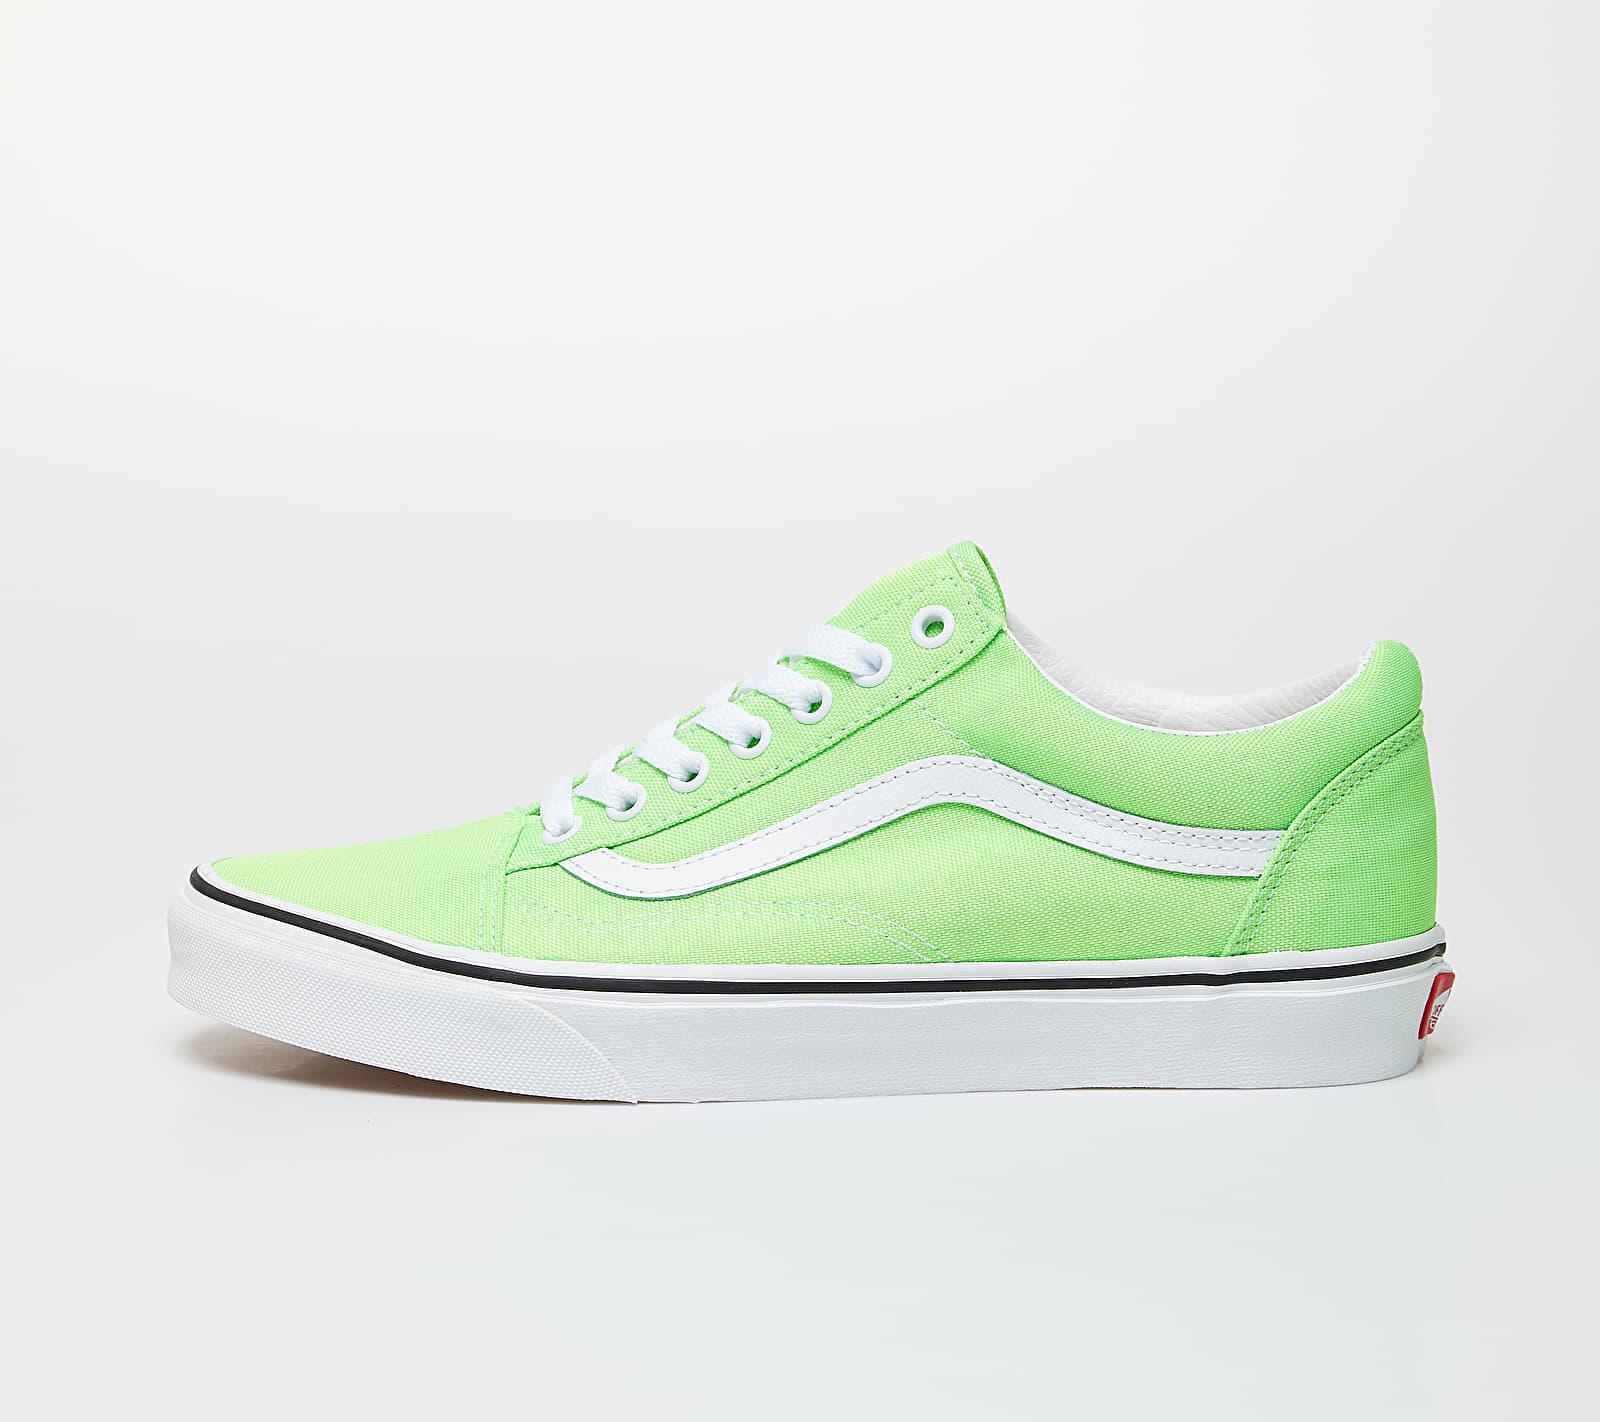 Vans Old Skool (Neon) Green Gecko/ True White EUR 34.5